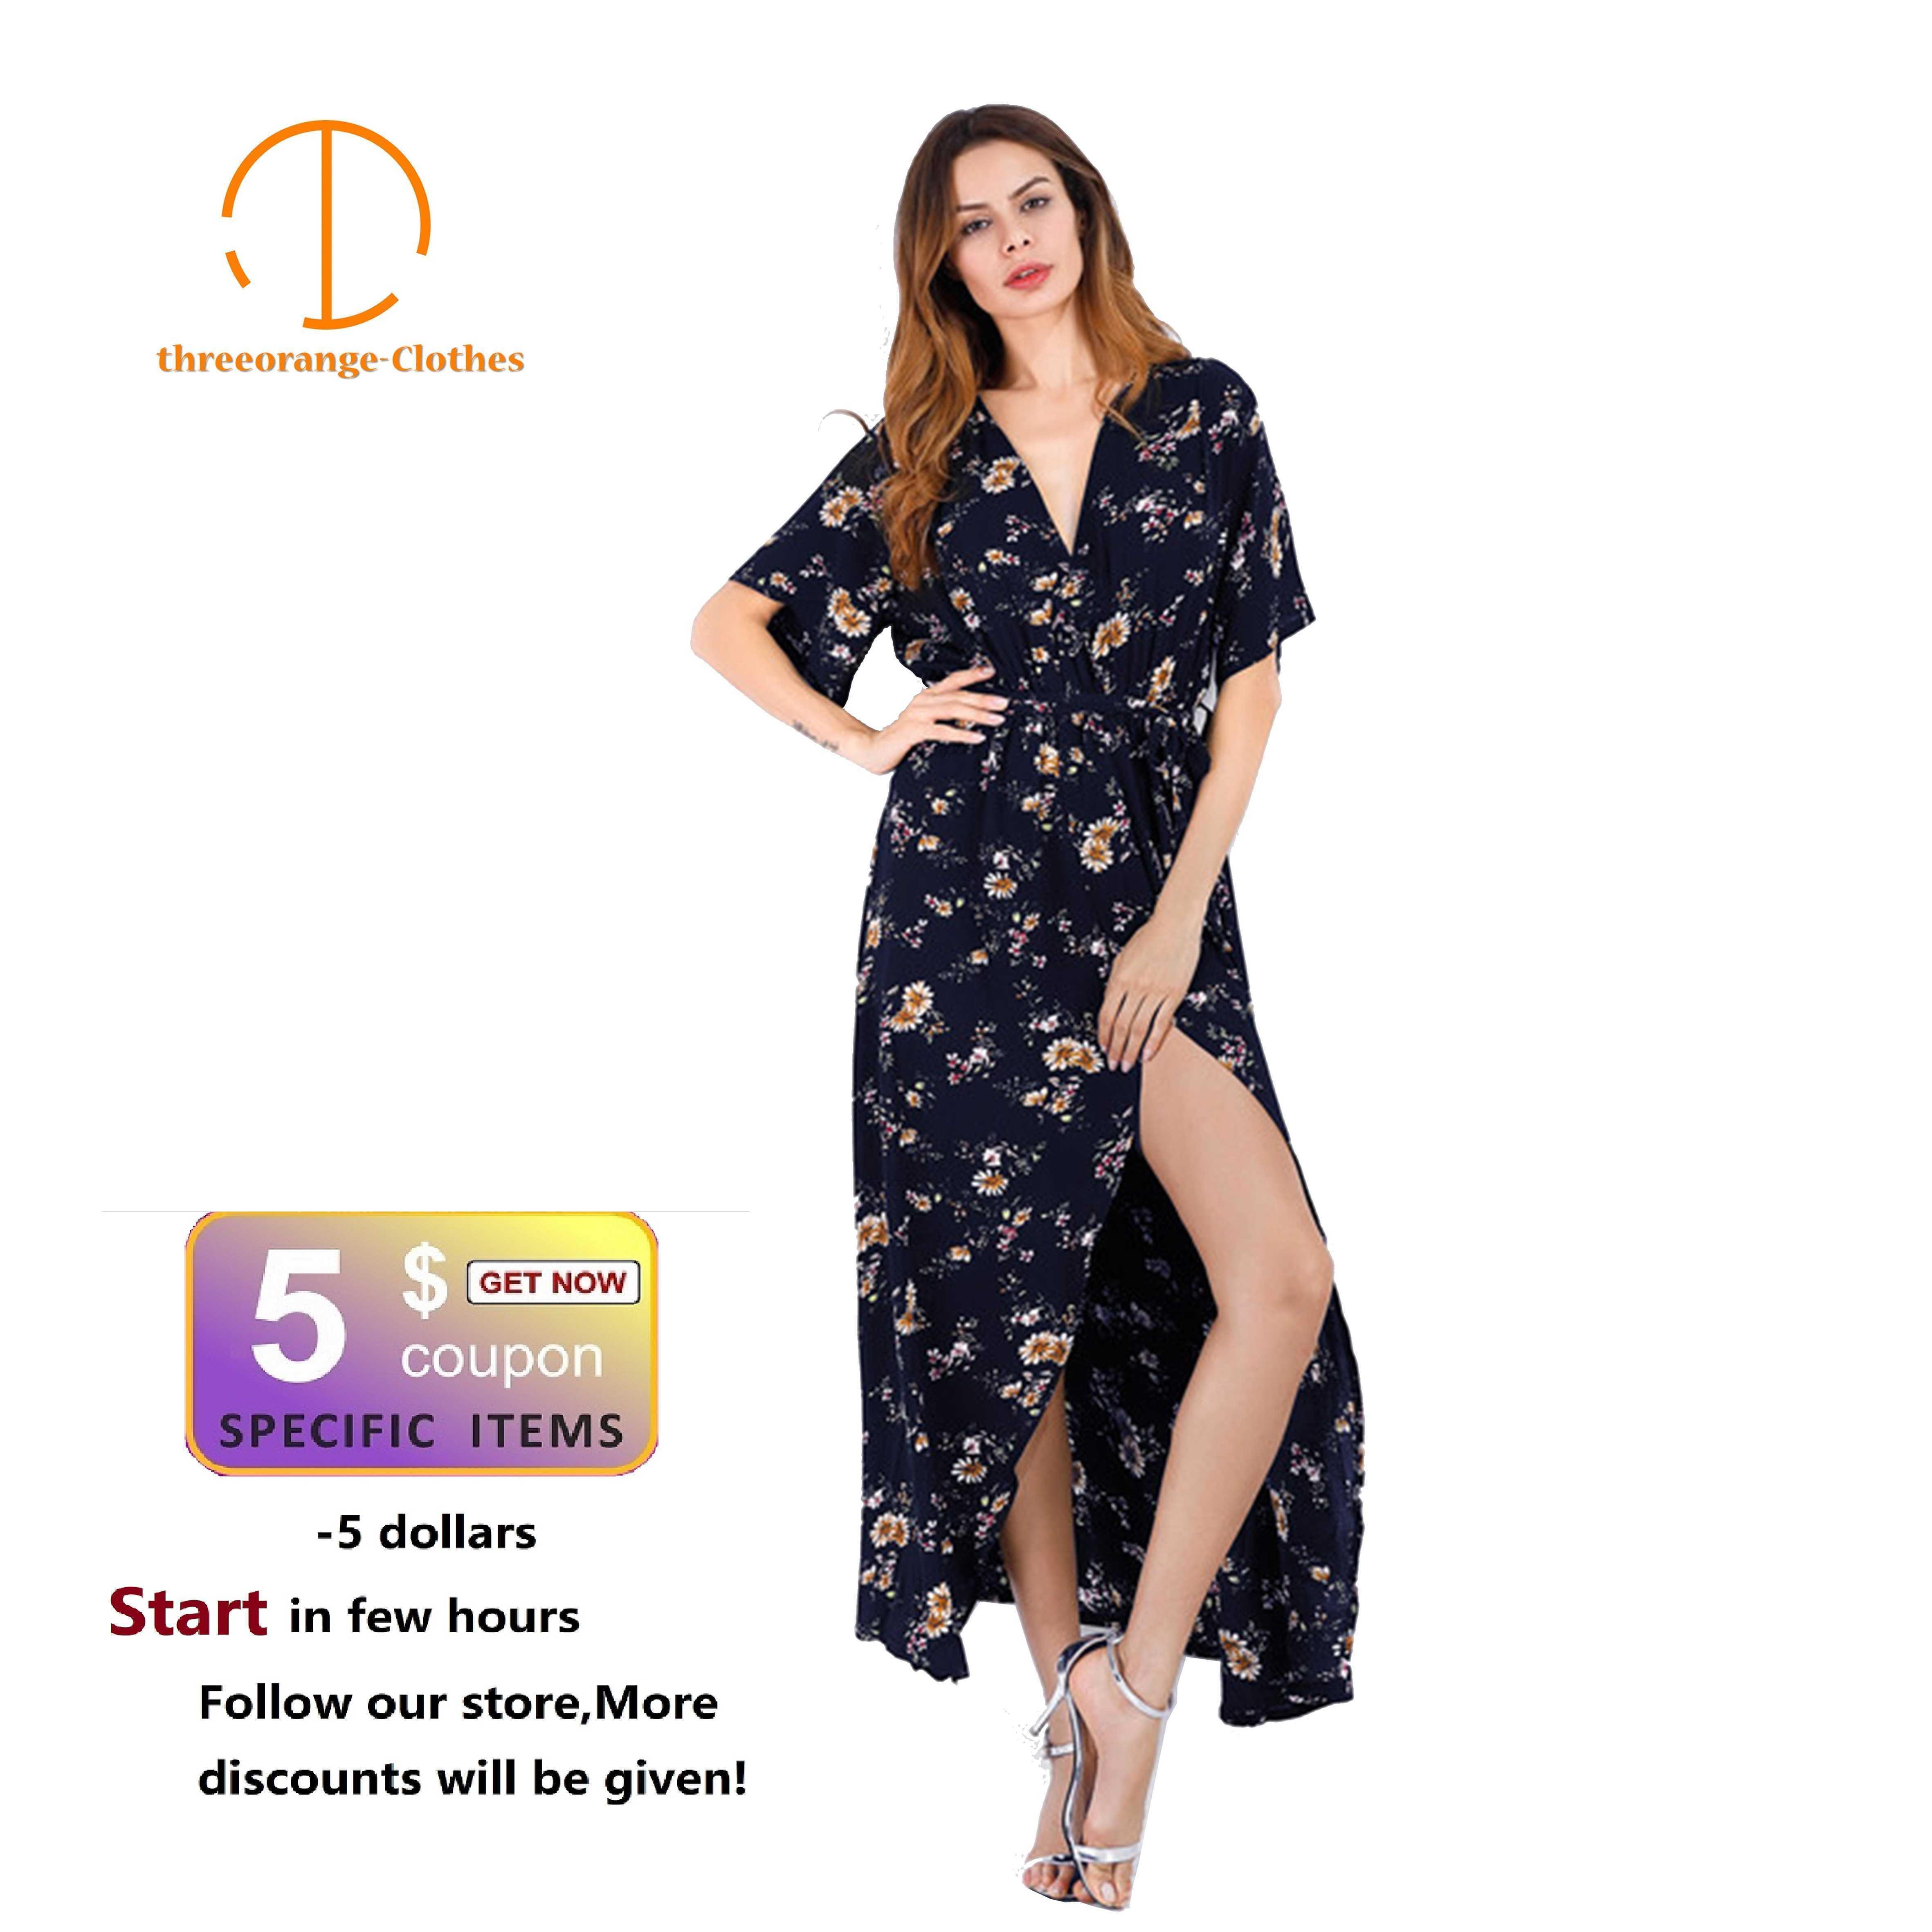 Formal Einzigartig Elegante Strandkleider für 2019Designer Fantastisch Elegante Strandkleider Spezialgebiet